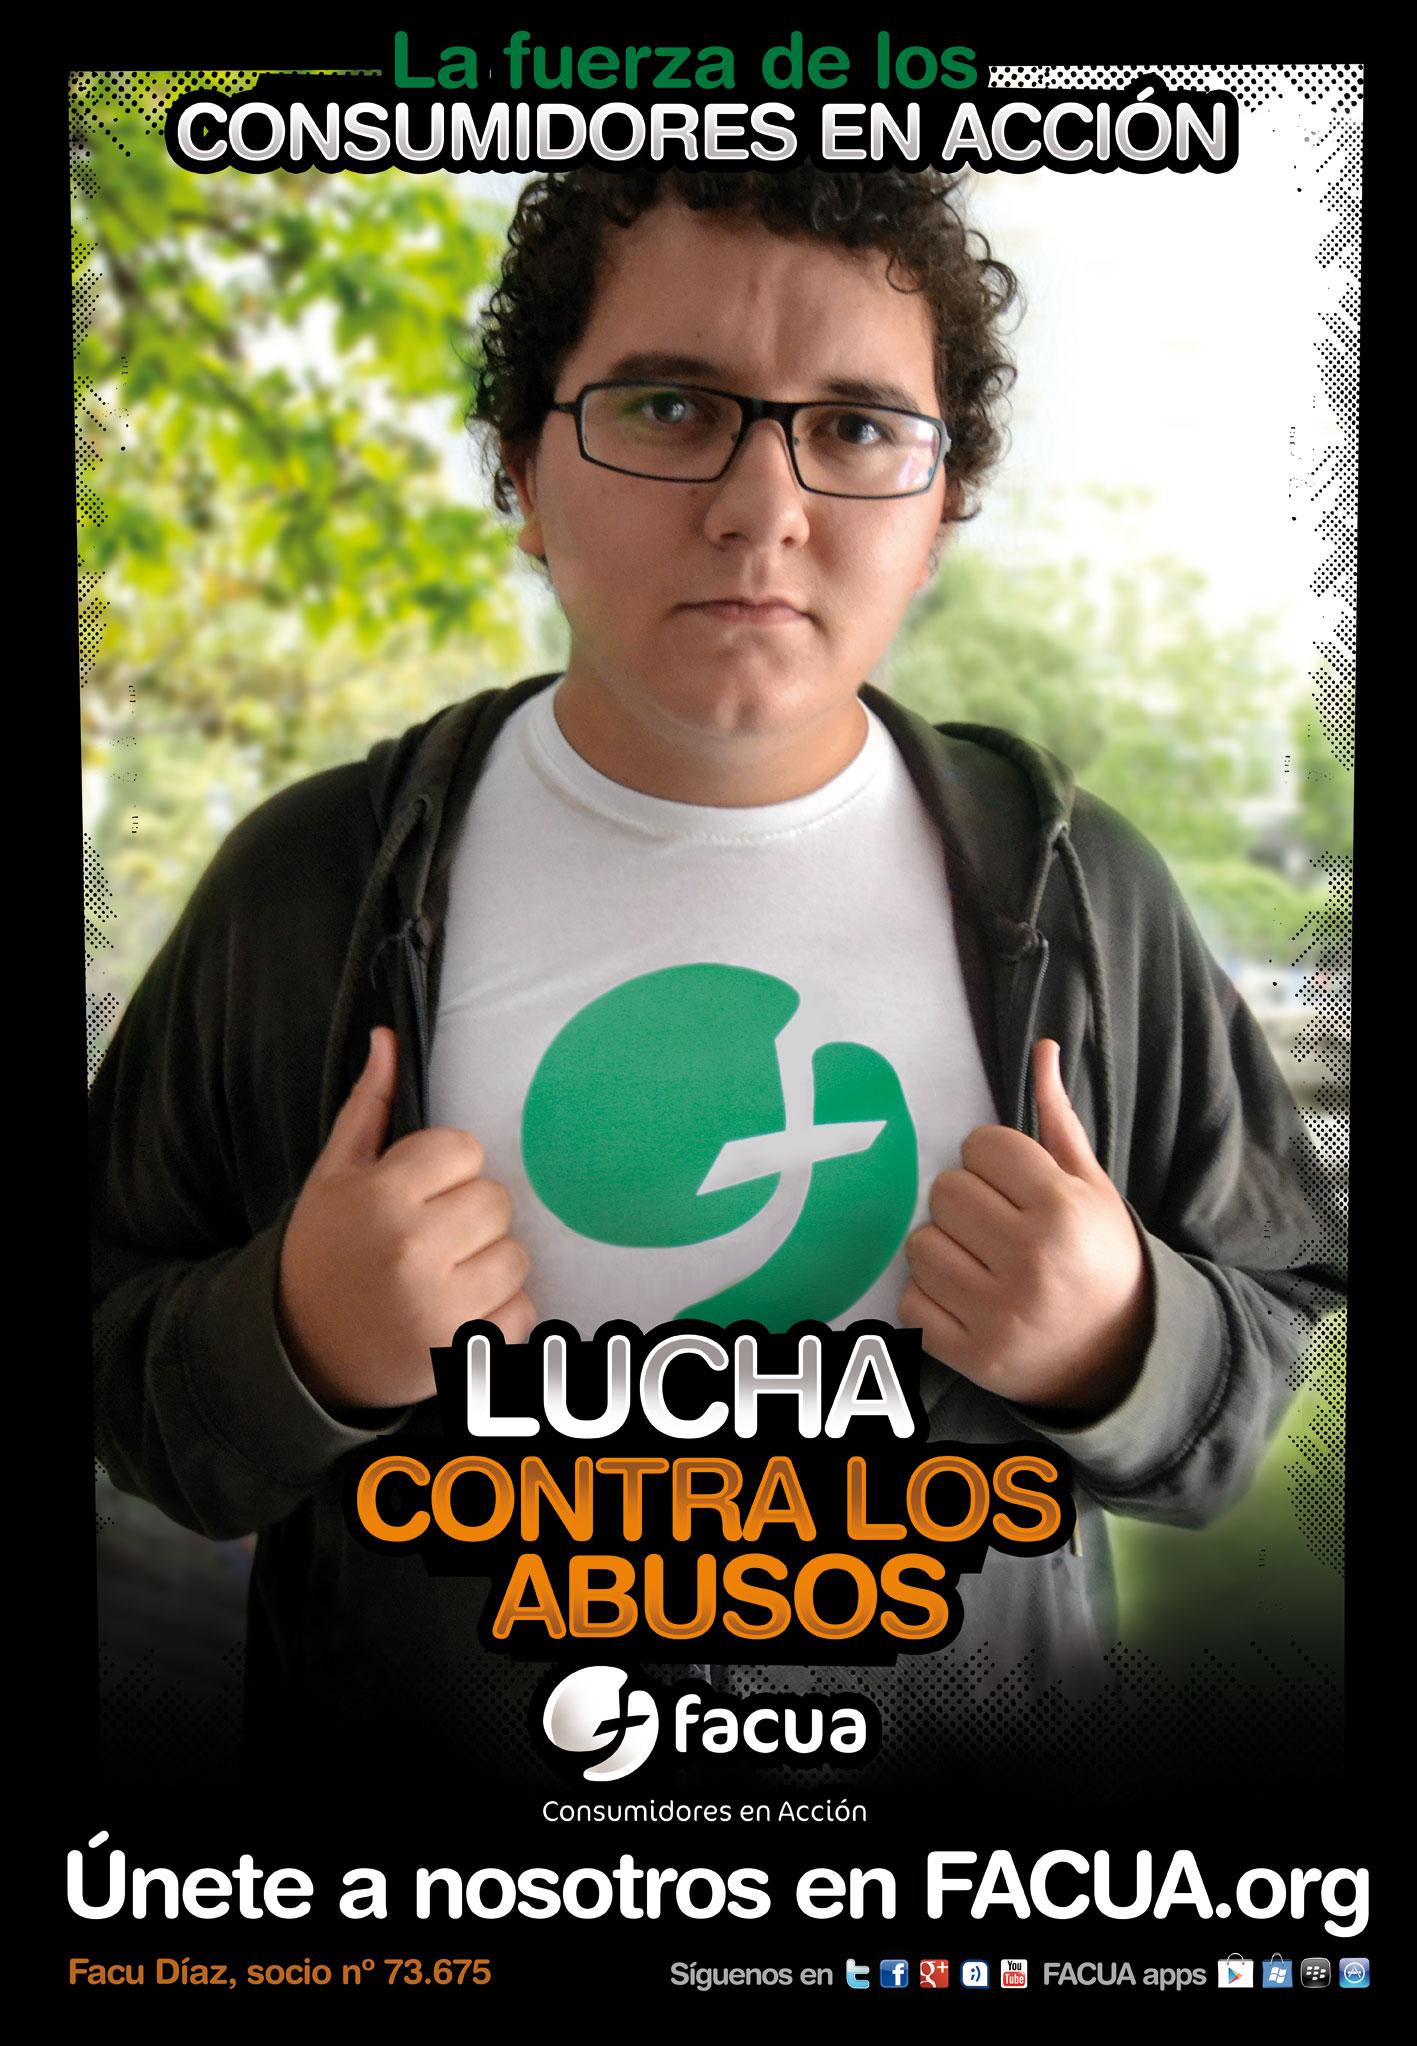 ¡Vaya! @FacuDiazT también se une a FACUA en la #luchacontralosabusos... ¡Sálvese quien pueda!